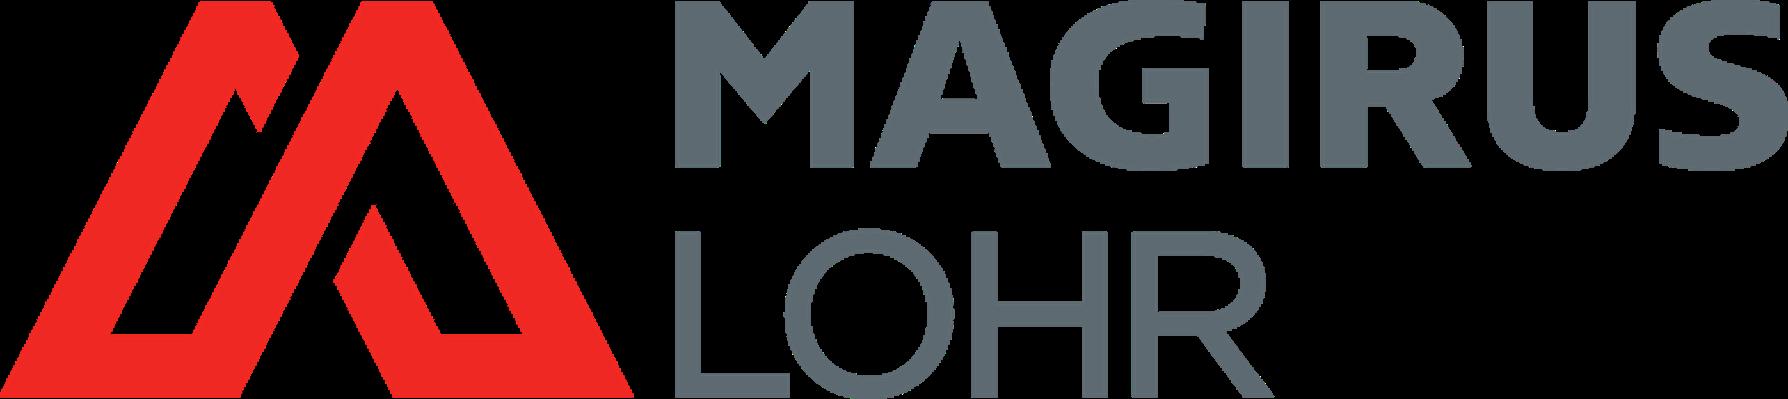 Magirus Lohr GmbH